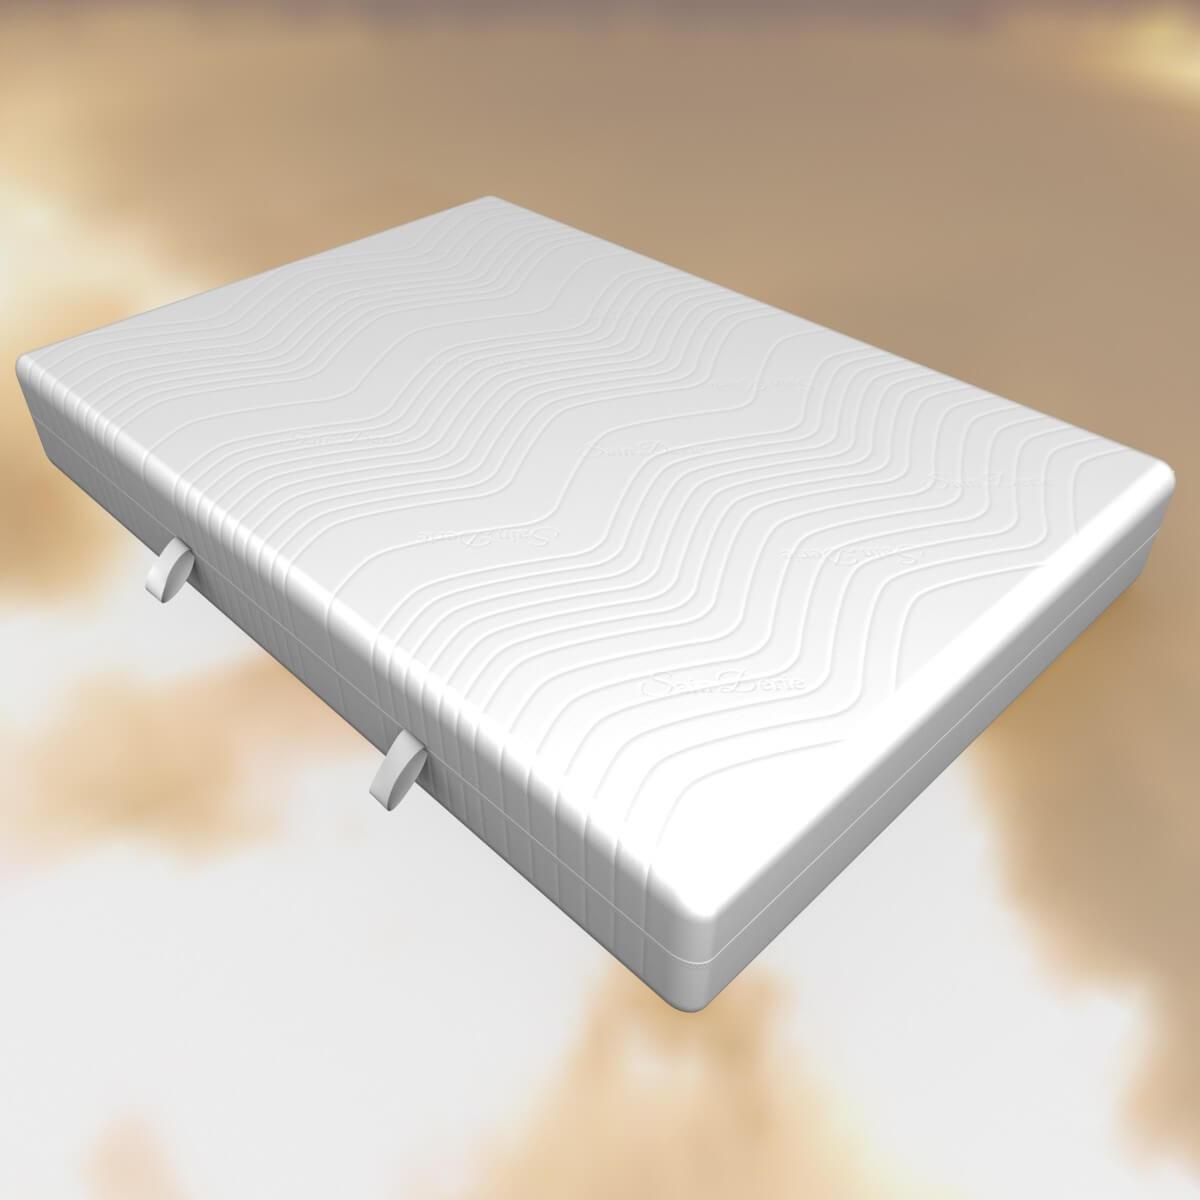 matratze 140x200 komfortschaum mit 7 zonen 27cm hoch. Black Bedroom Furniture Sets. Home Design Ideas